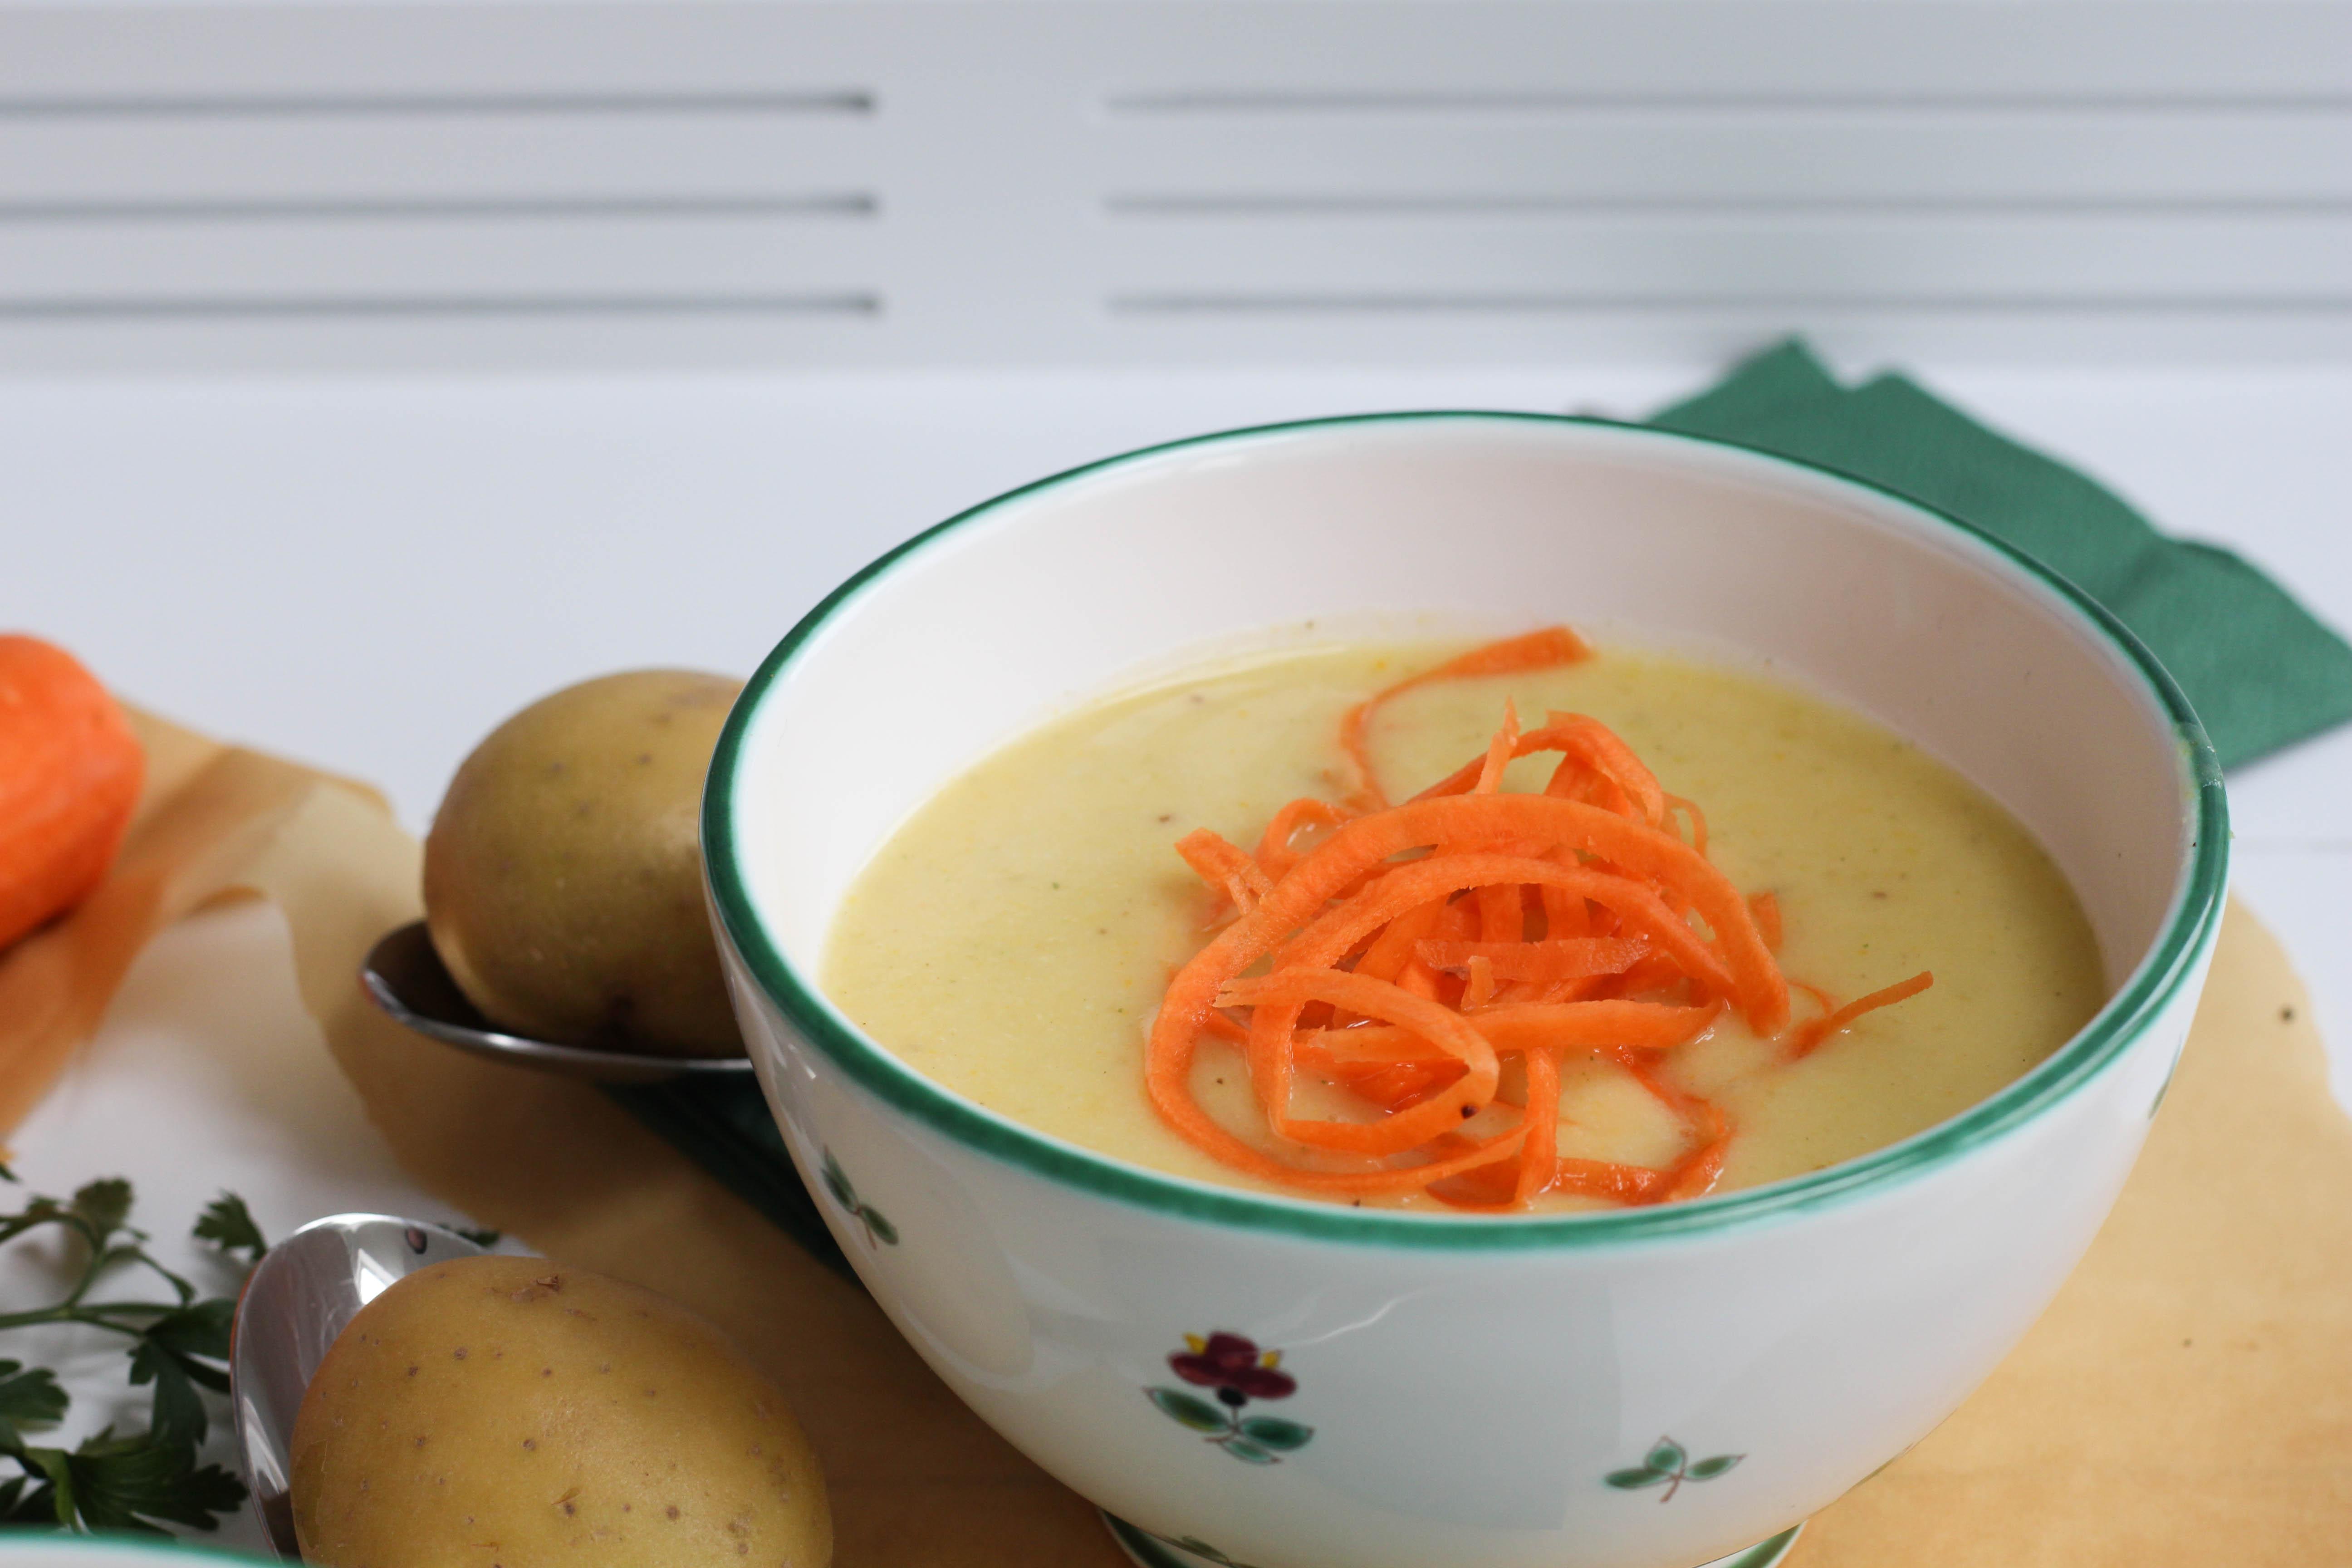 vegan-erdaepfelsuppe-kartoffel-suppe-homespa-plantbased-1-von-1-12